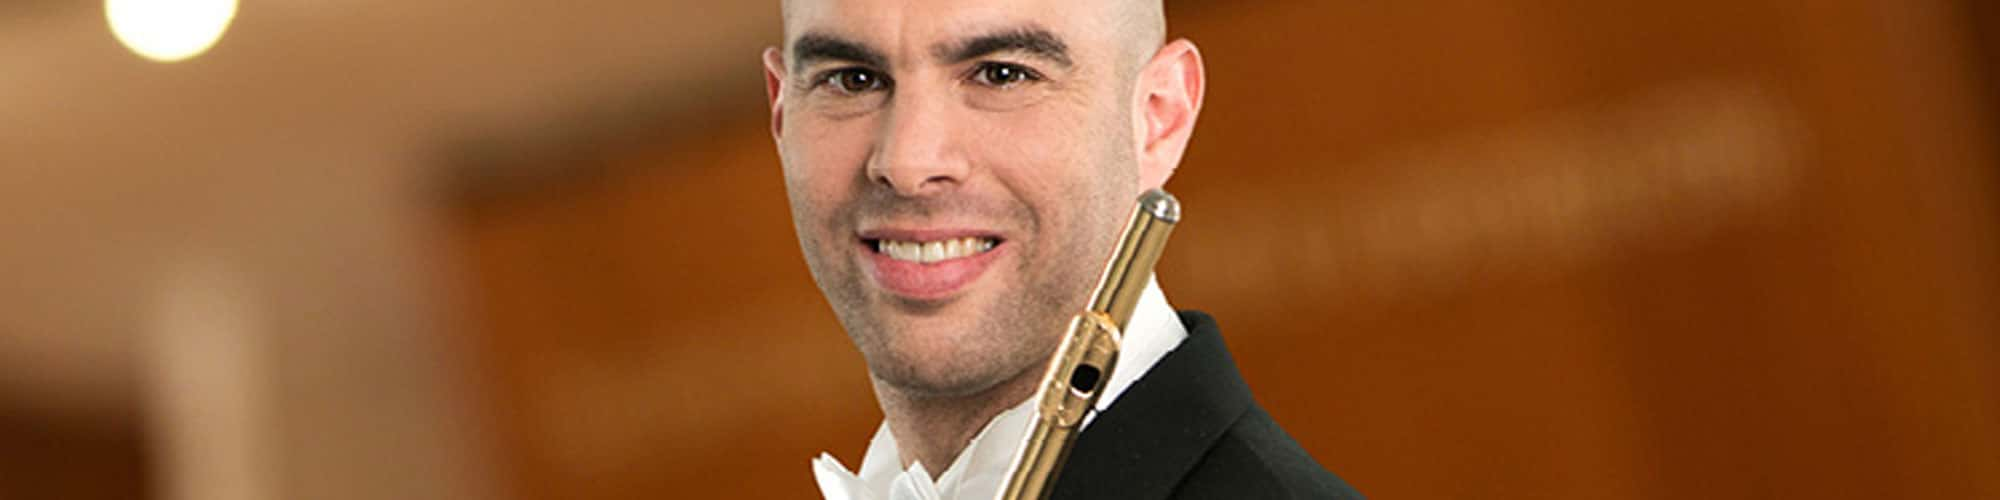 Guy Eshed, flute